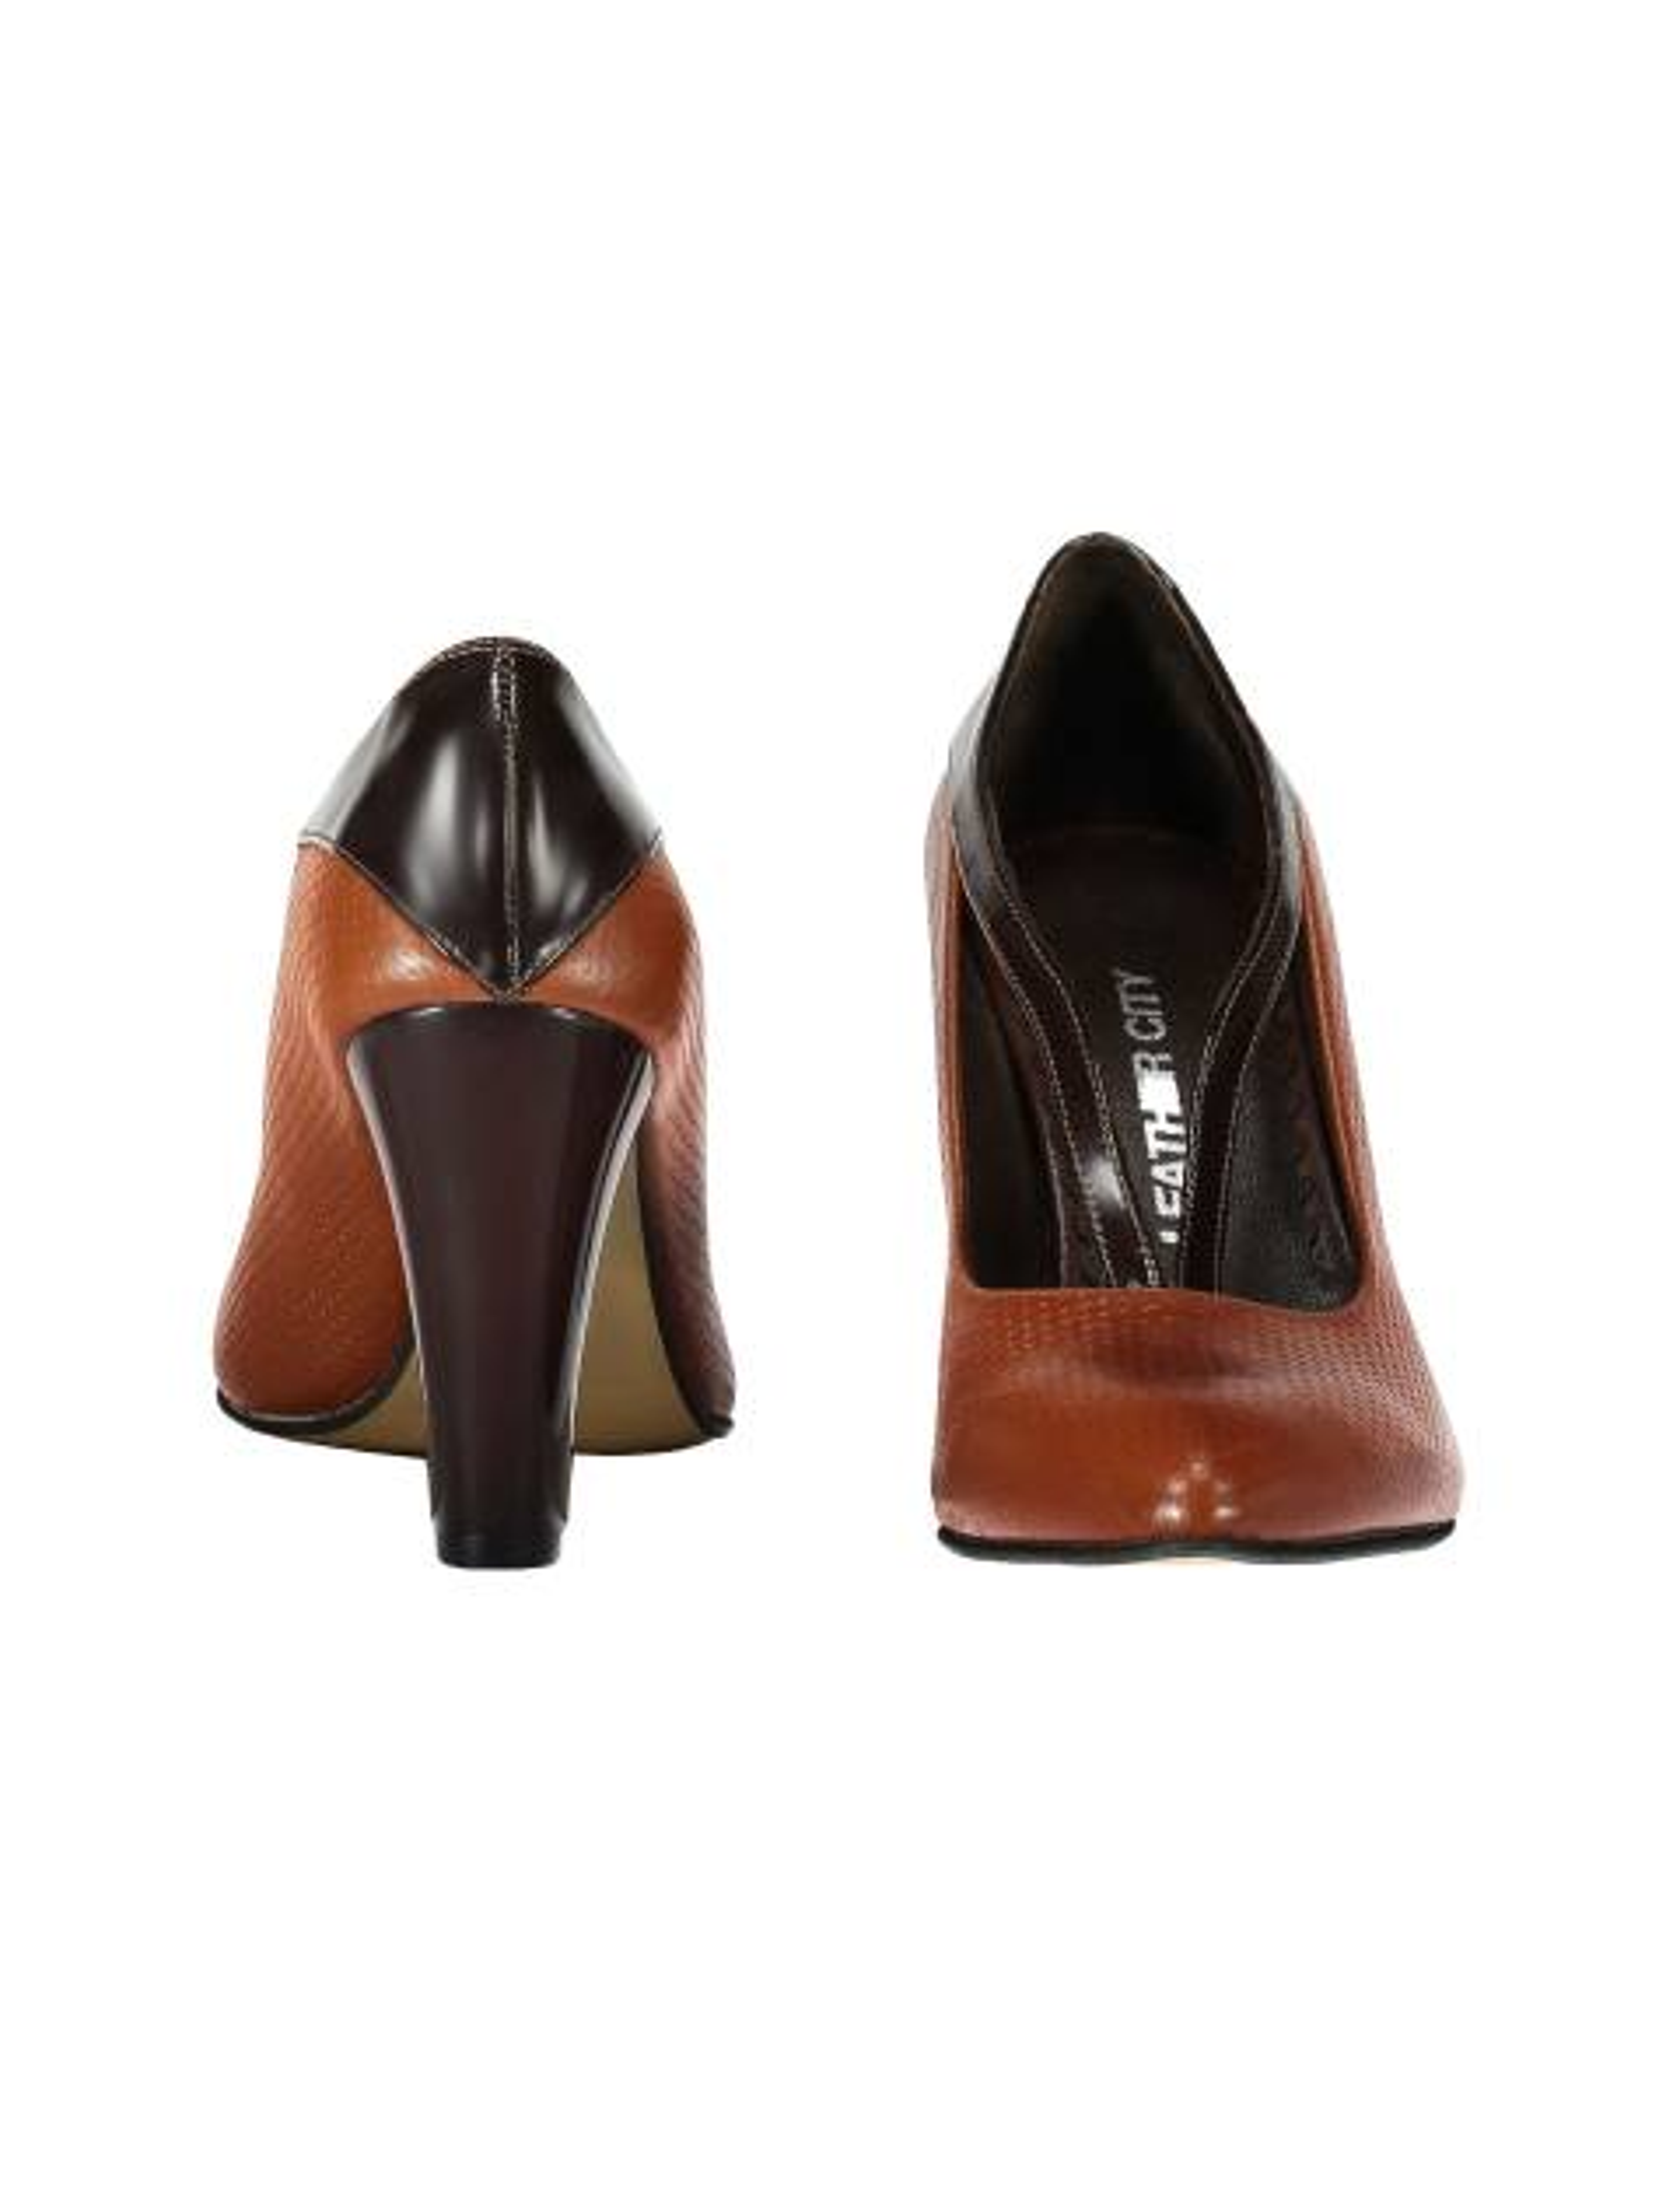 کفش پاشنه بلند چرم زنانه - قهوه اي و عسلي - 3